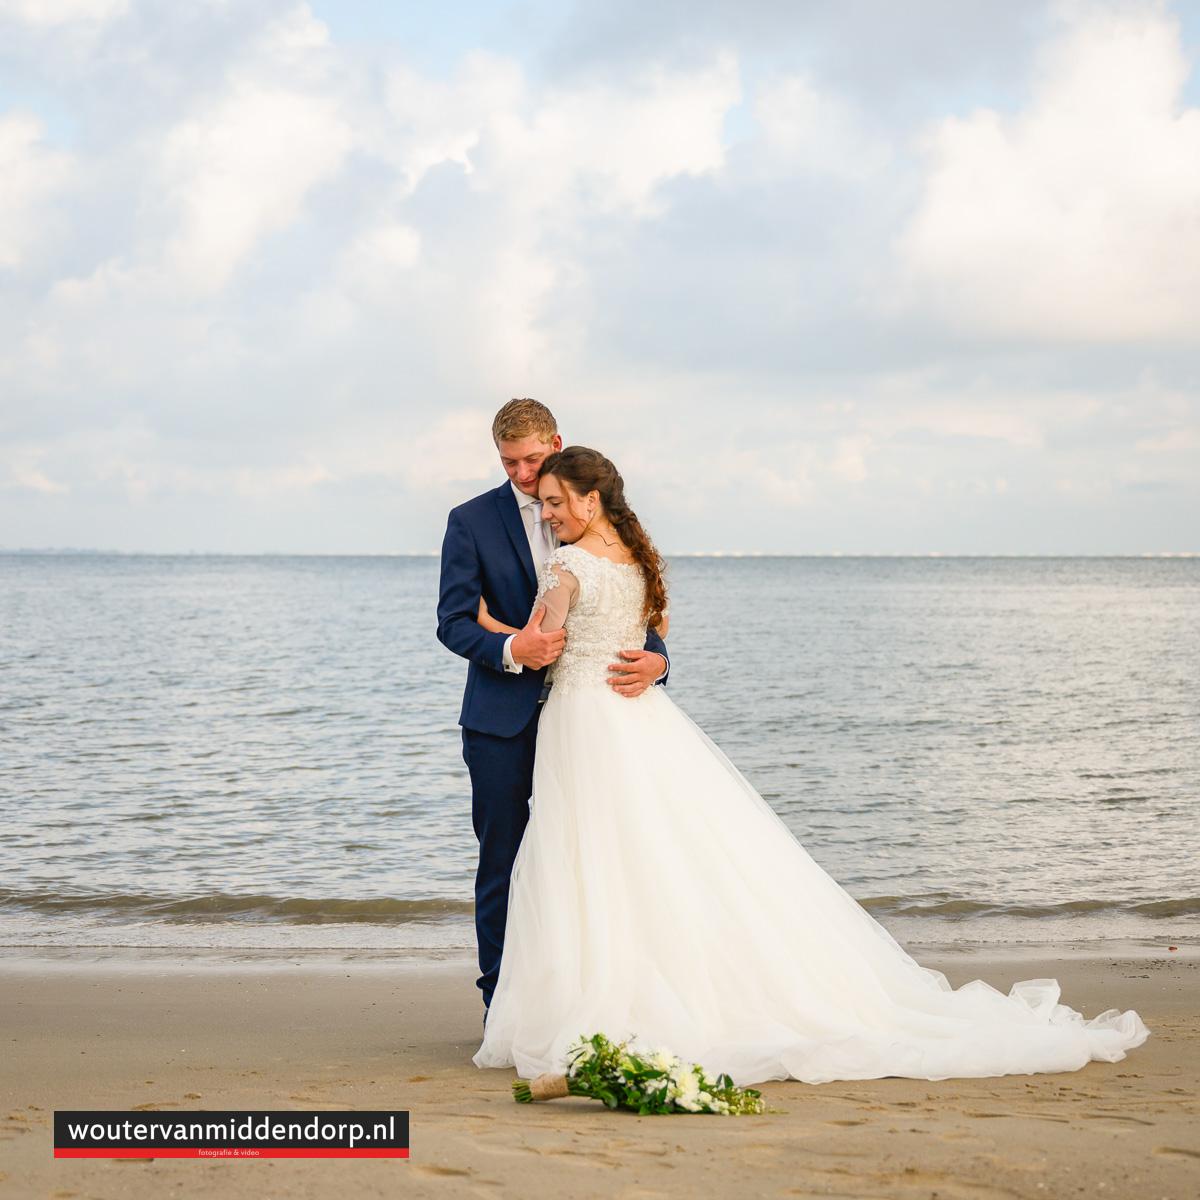 fotografie omgeving, Elspeet, Goes, Zeeland, Veluwe, bruidsfotograaf, Wouter van Middendorp (273)